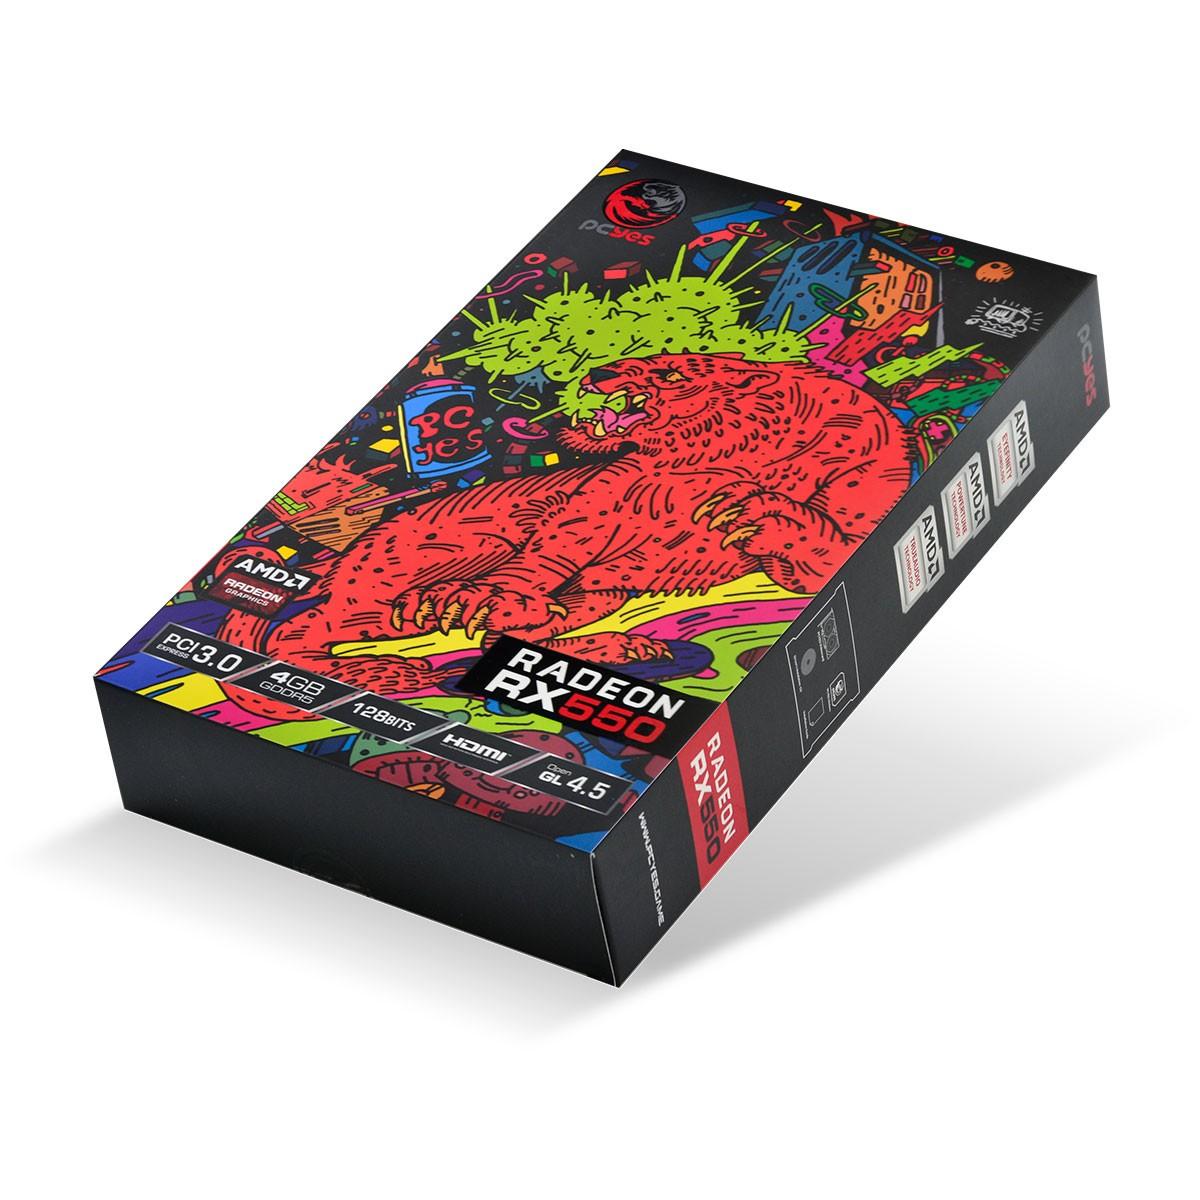 Placa de Vídeo PCYes RX 550 Graffiti Series, 4GB GDDR5, 128bit, PJRX550R5SF